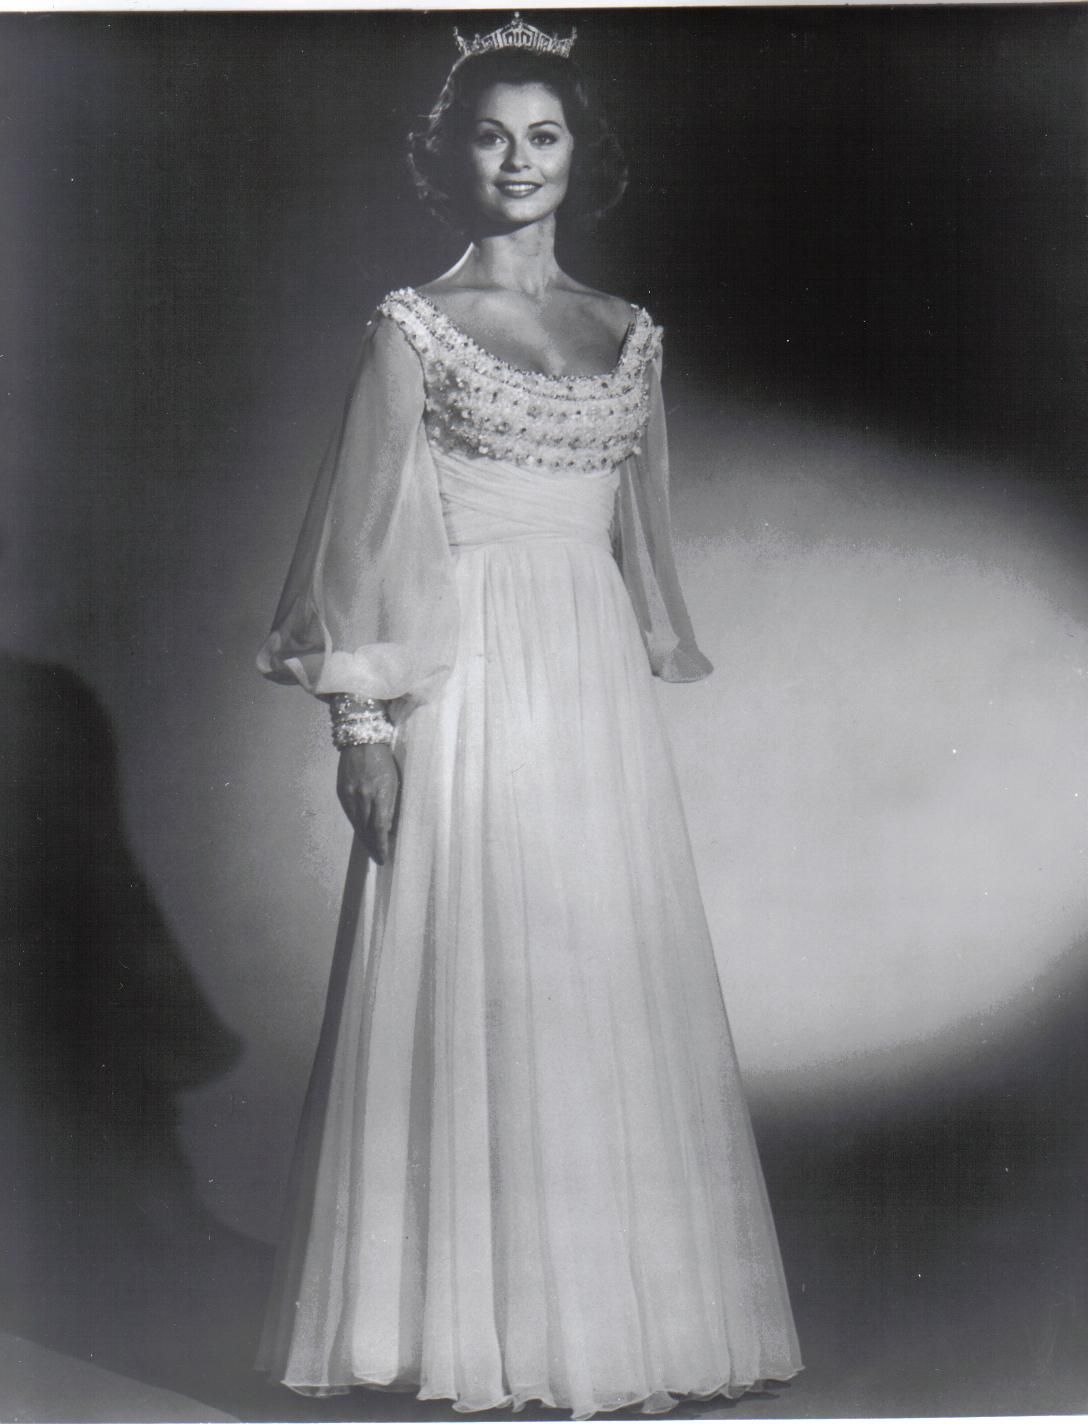 1975: Shirley Cothran from Denton, Texas